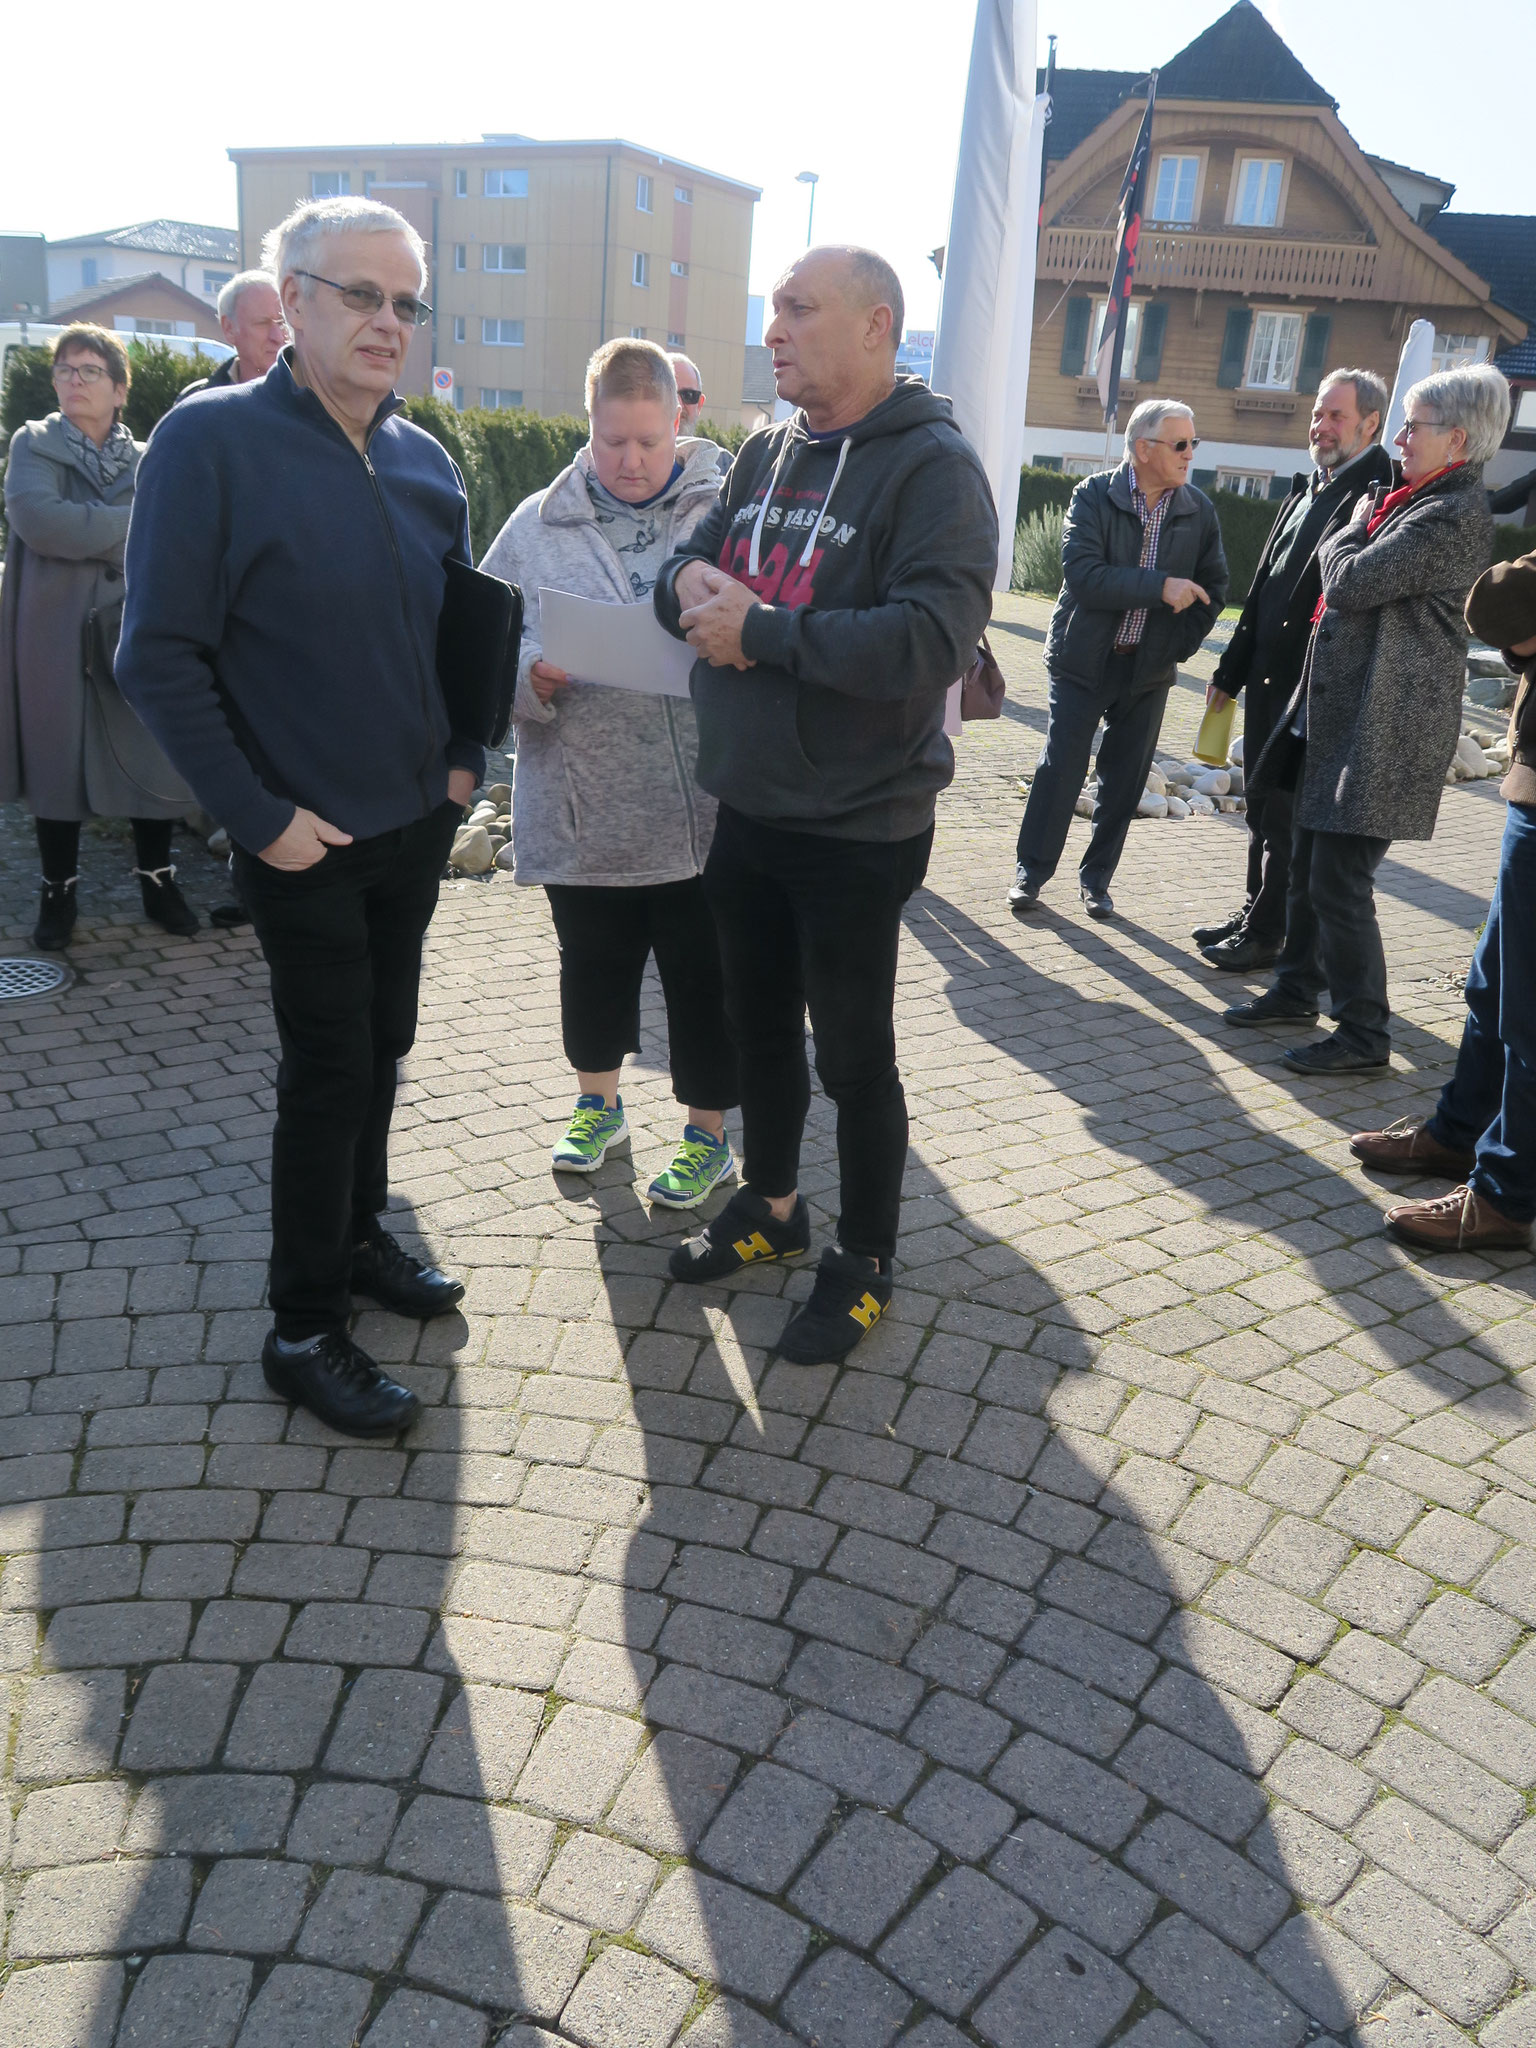 Markus Waber, Jacqueline Ruppli und Wisi Schwyter